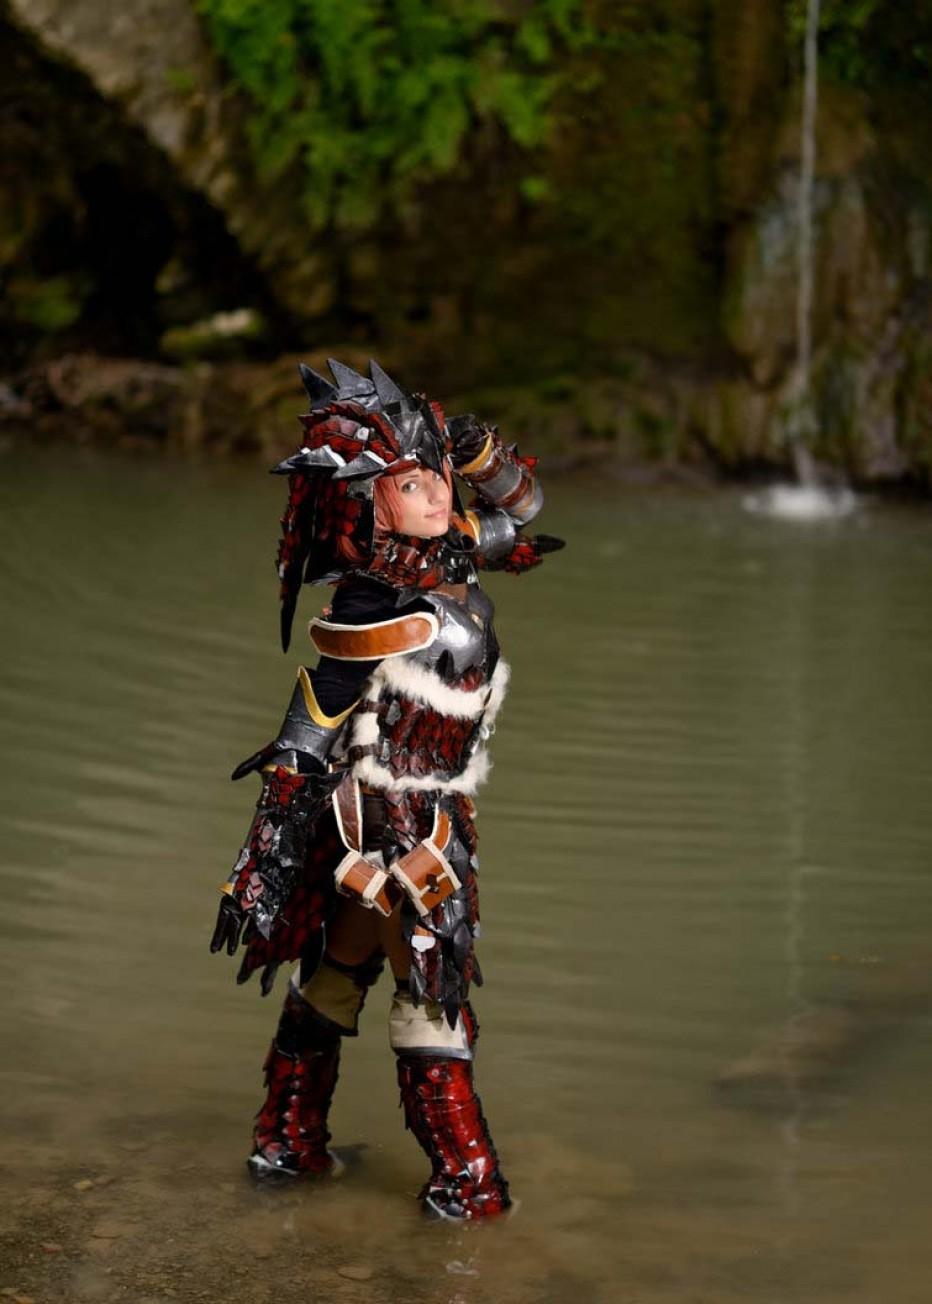 rathalos_monster_hunter_cosplay_by_kickacosplay-d6e74yy.jpg